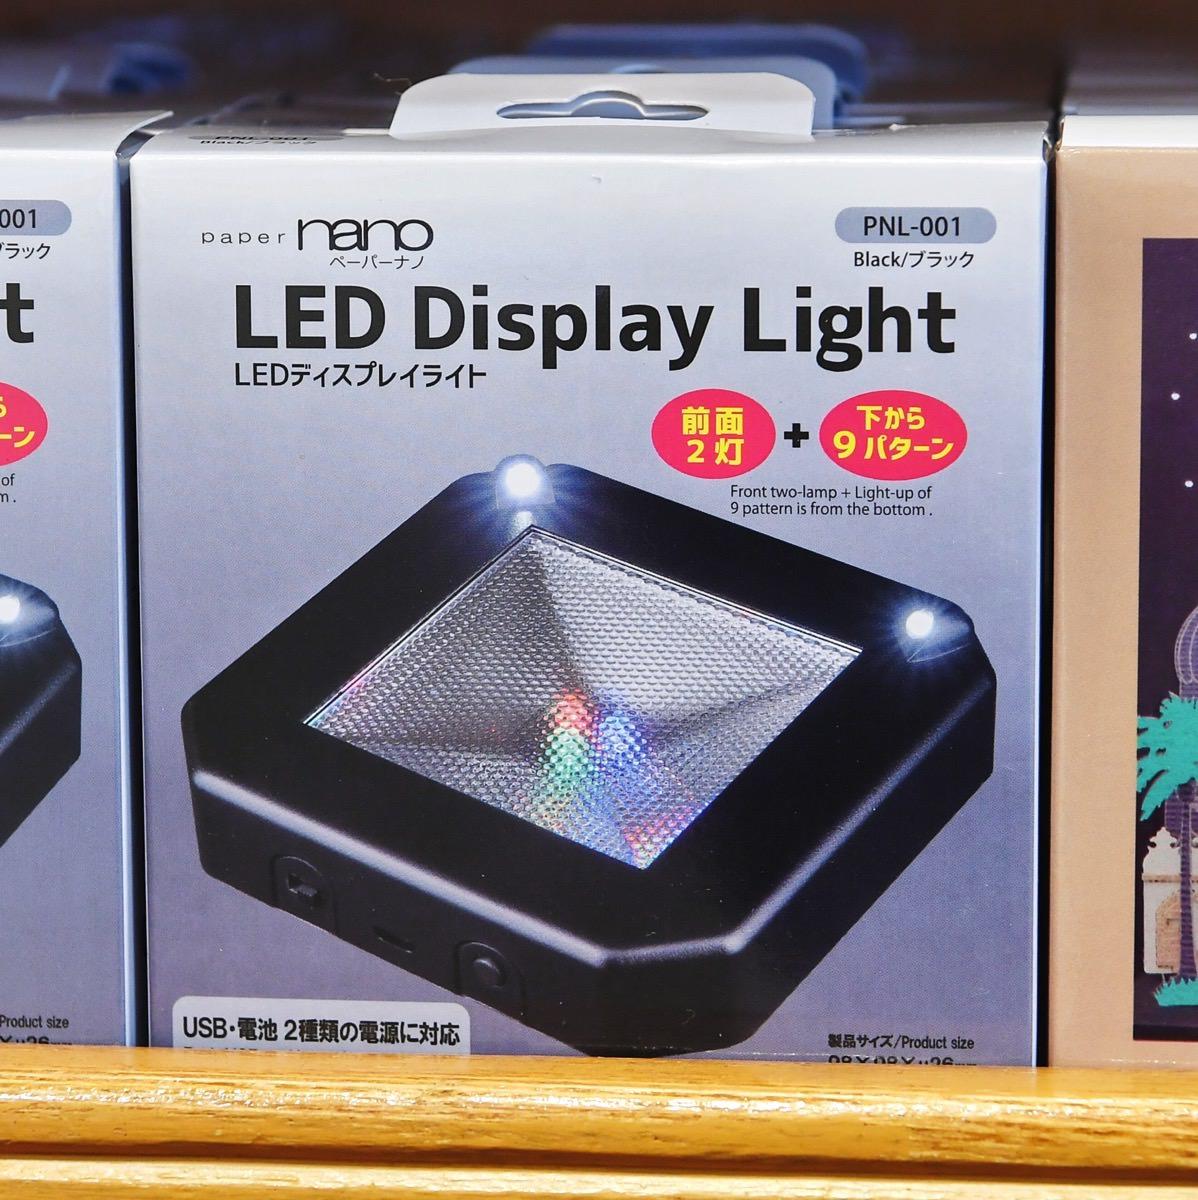 LEDディスプレイライト